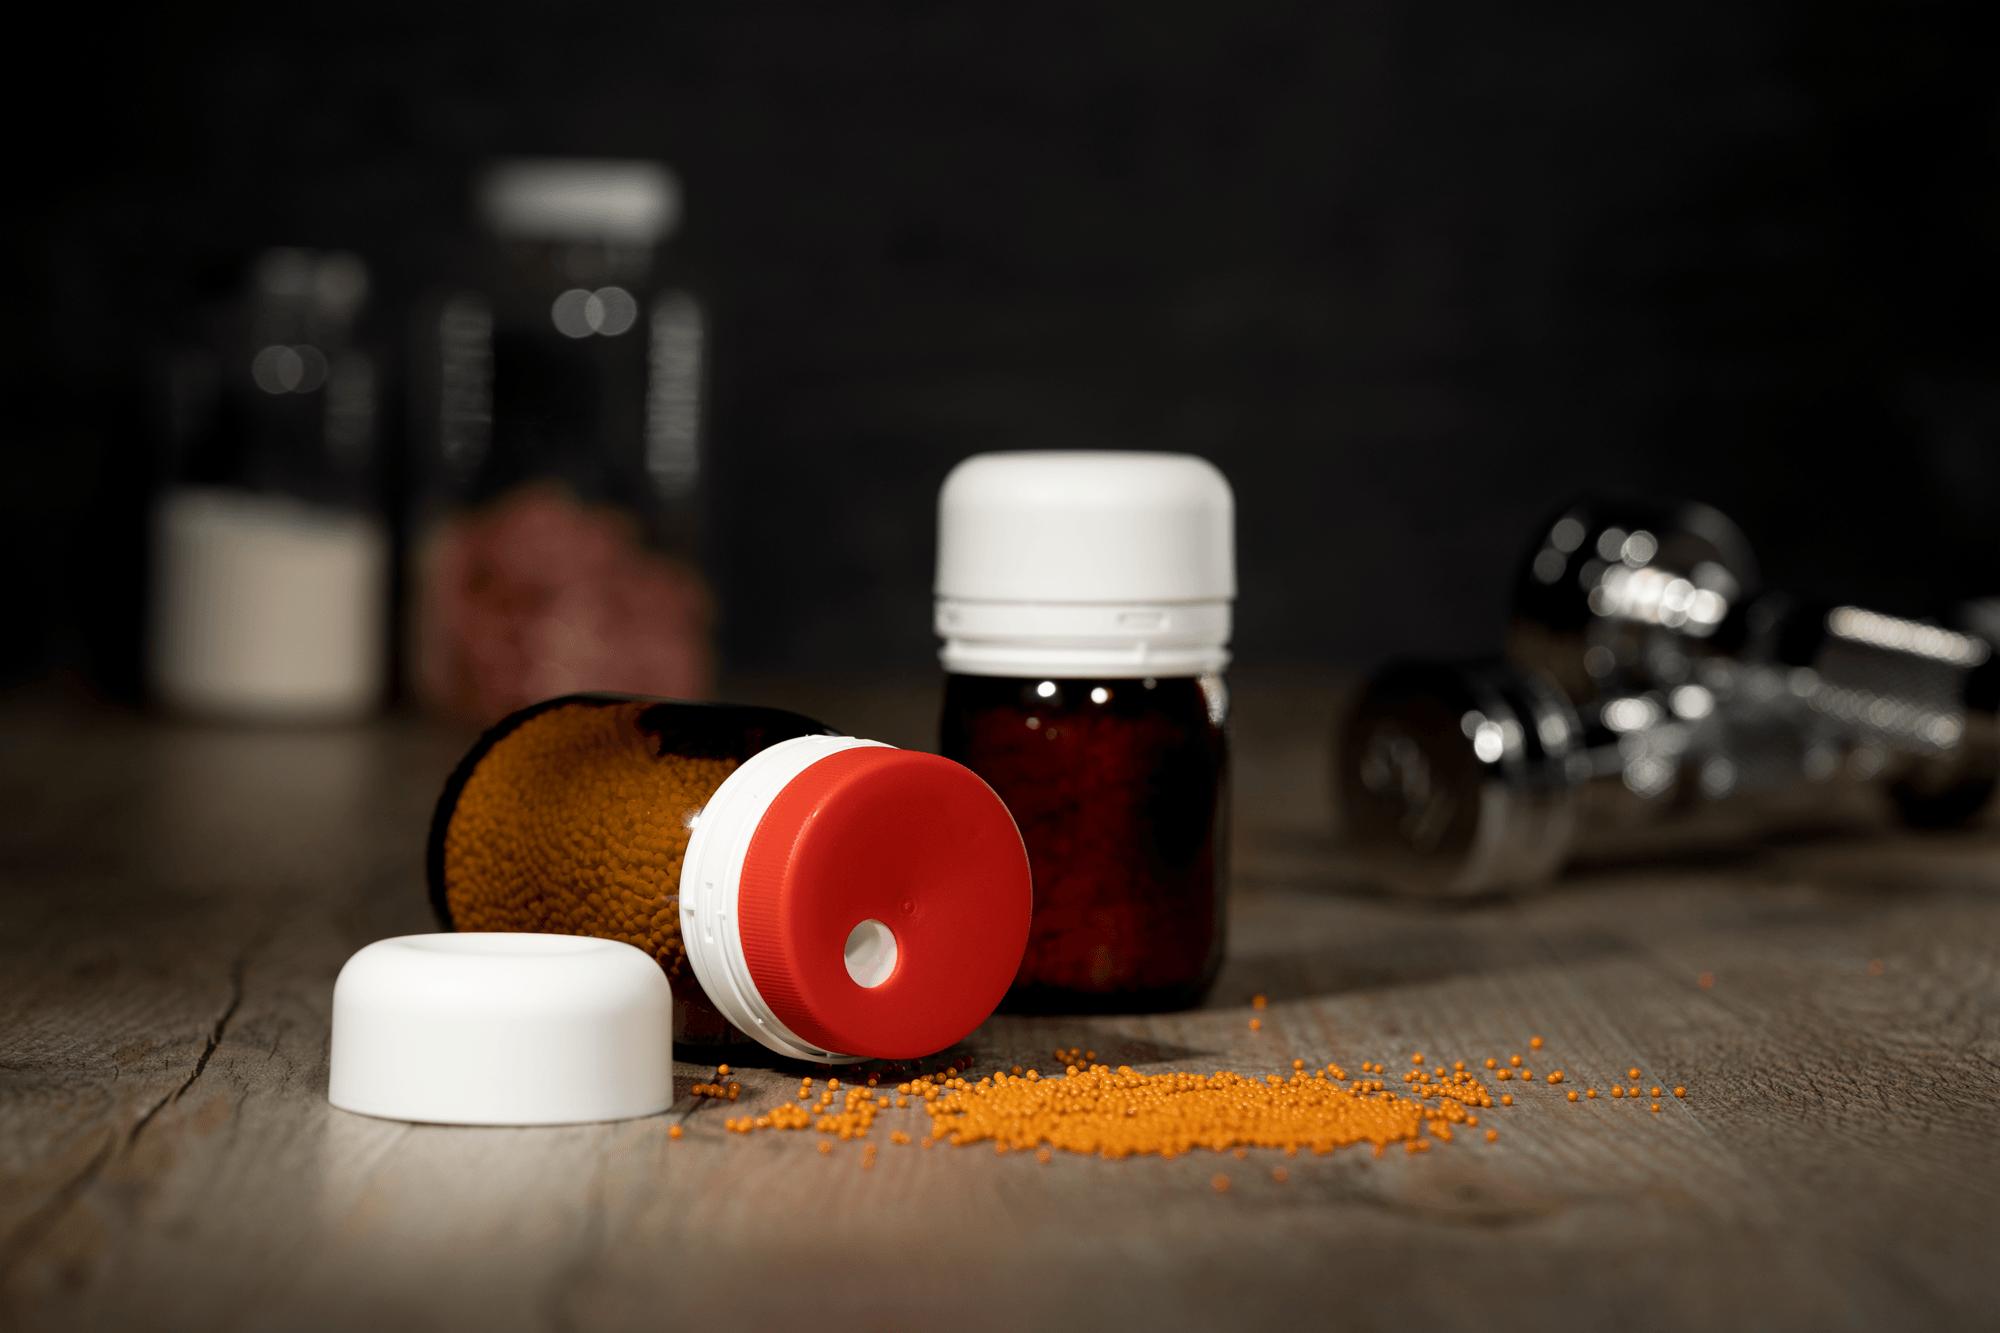 Granulatdosierer: Anwendungsbeispiel Nahrungsergänzung